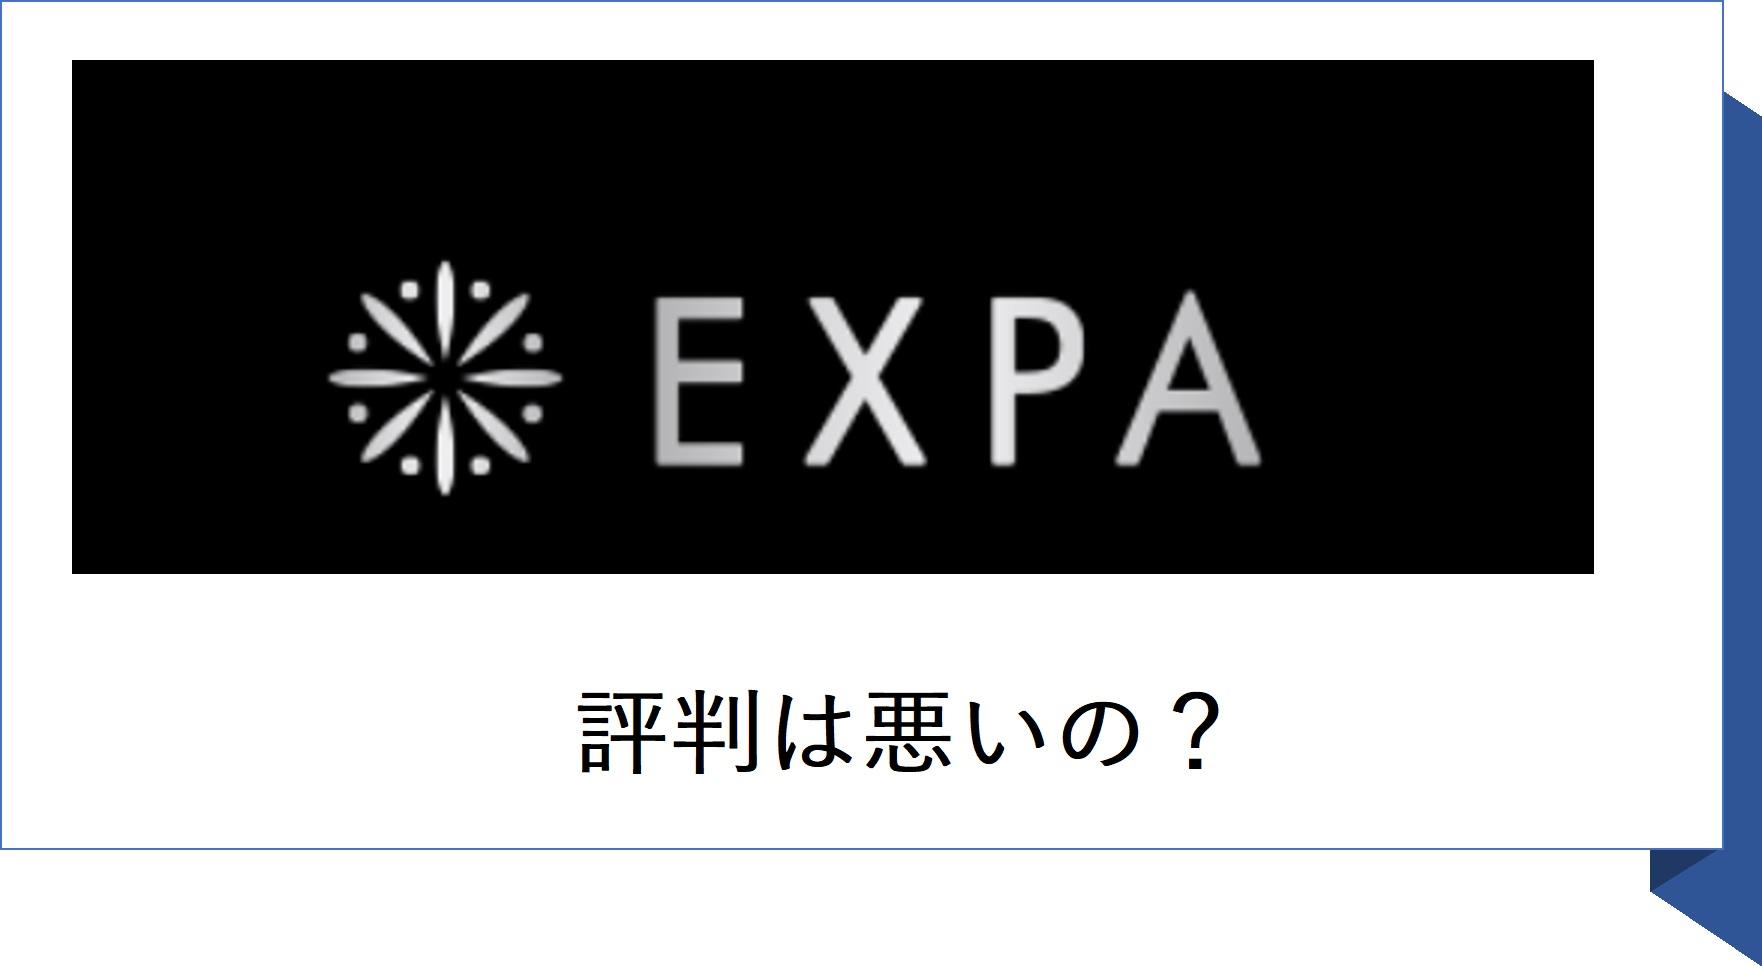 expa(評判悪い)